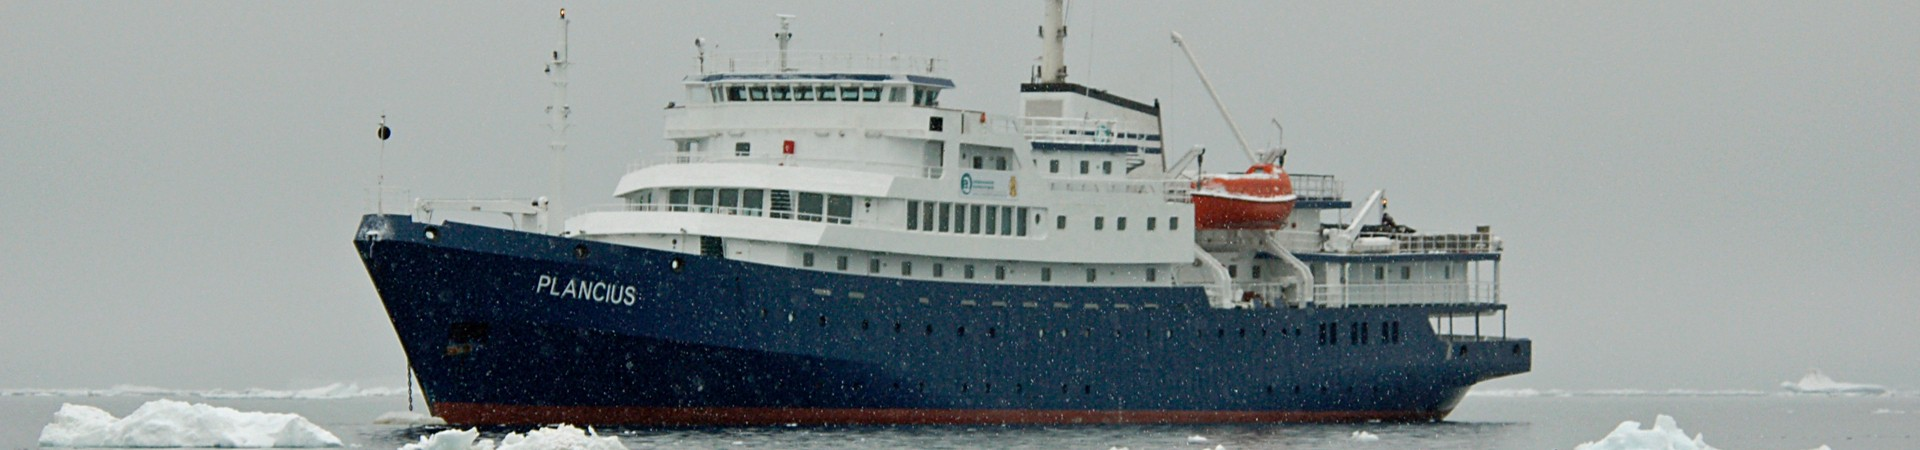 MV Plancius